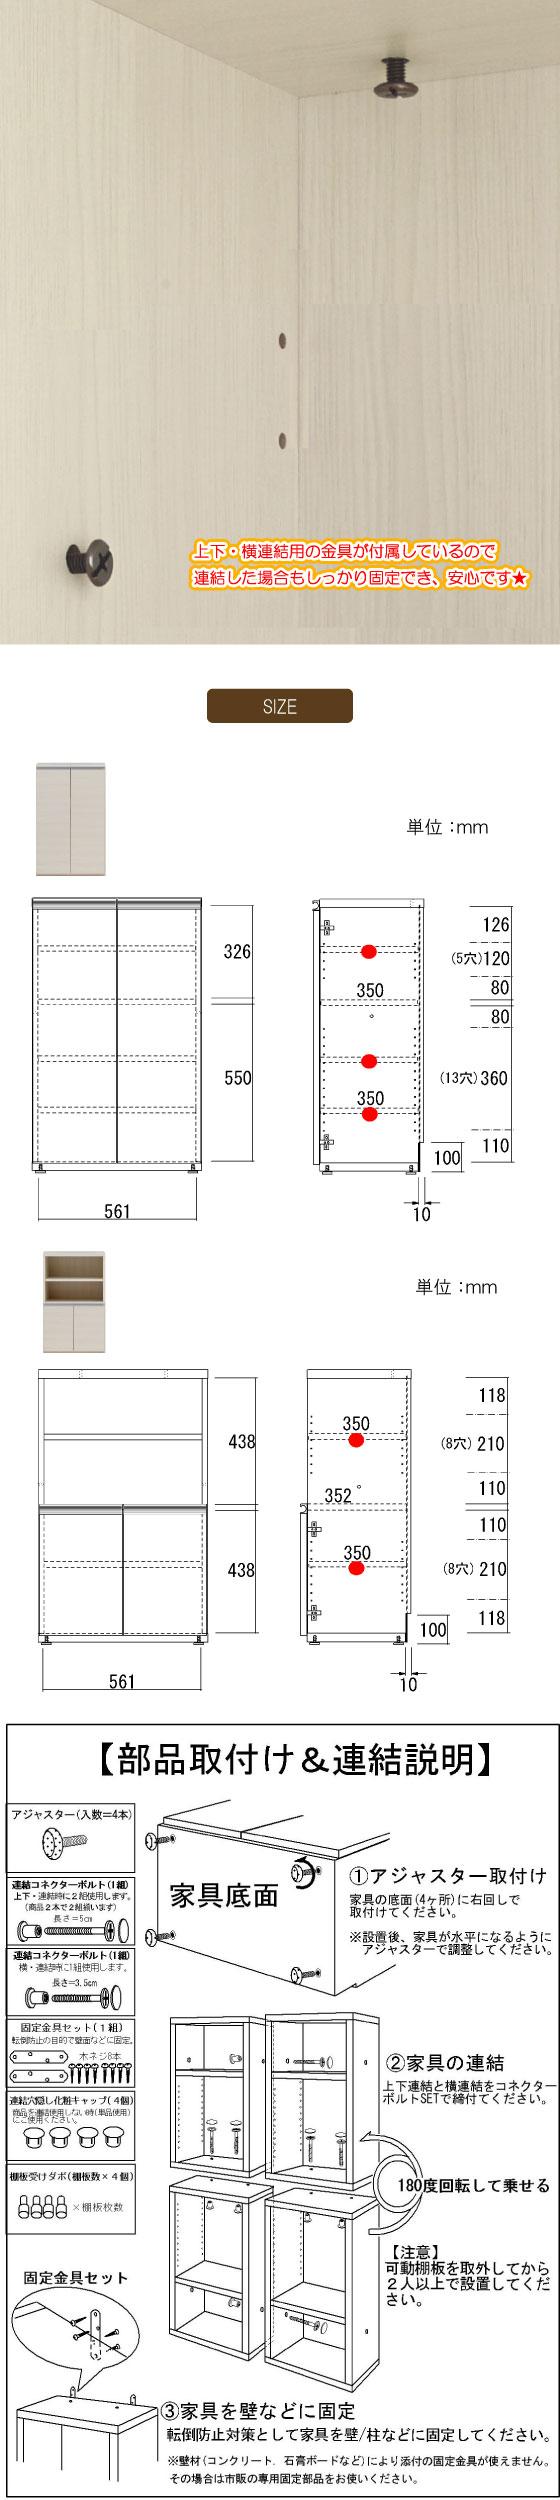 幅61cm×高さ192cm・ホワイトウッド柄キャビネット(完成品)